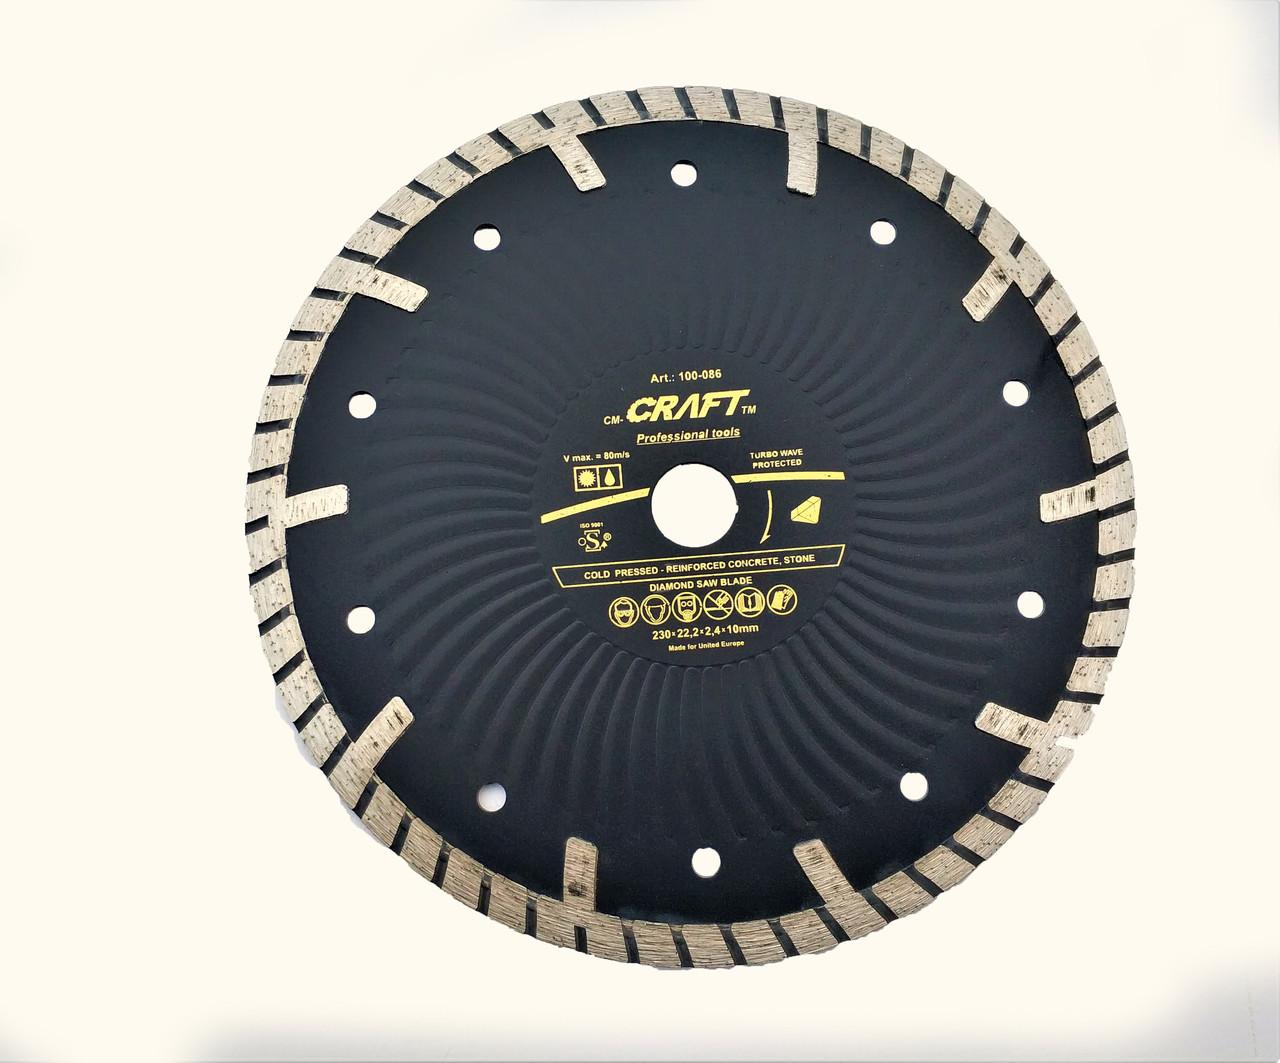 086 Диск Craft алмазний segment 230*22,2*2,4*10мм - сухе різання цегли, бетону, тротуарної плитки, піщаника